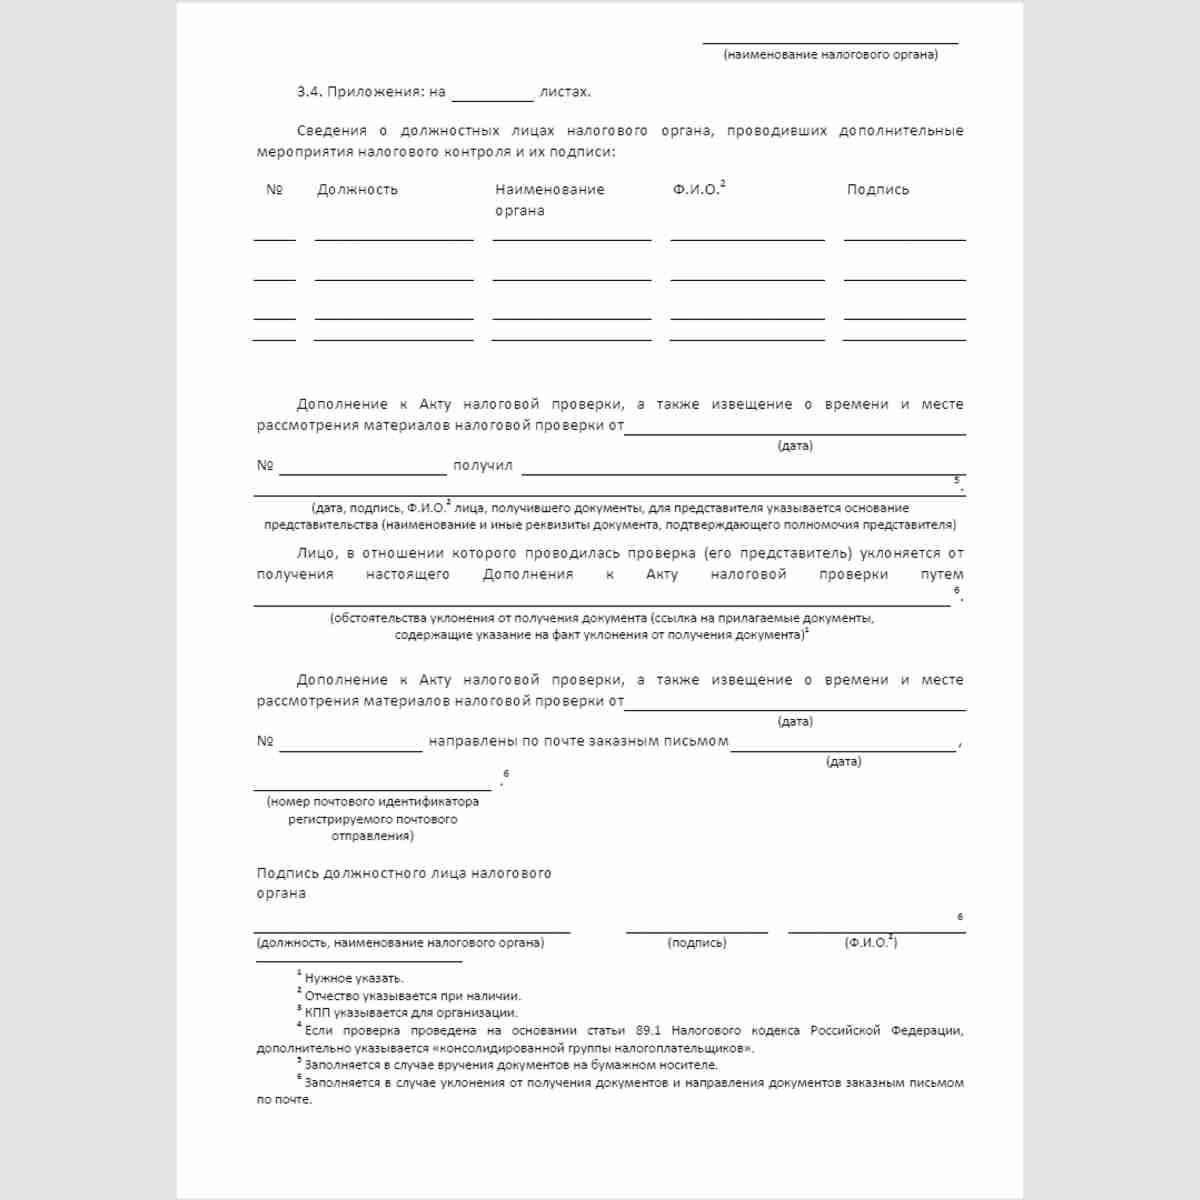 """Форма КНД 1165215 """"Дополнение к Акту налоговой проверки"""". Стр. 3"""